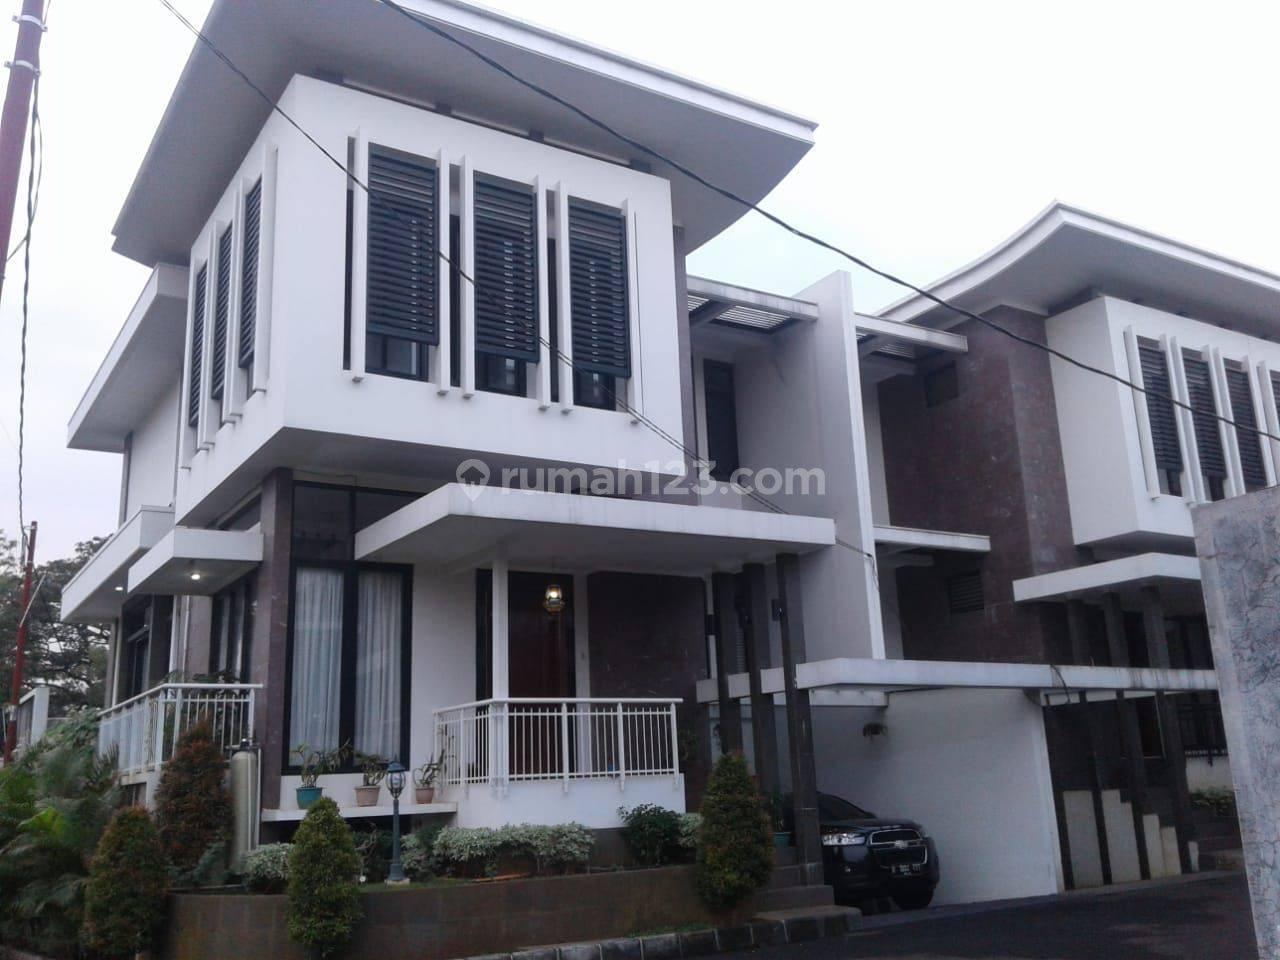 Cilandak Ragunan Rumah mewah harga murah dalam cluster Lt 220 Lb 330 harga 6milyar nego